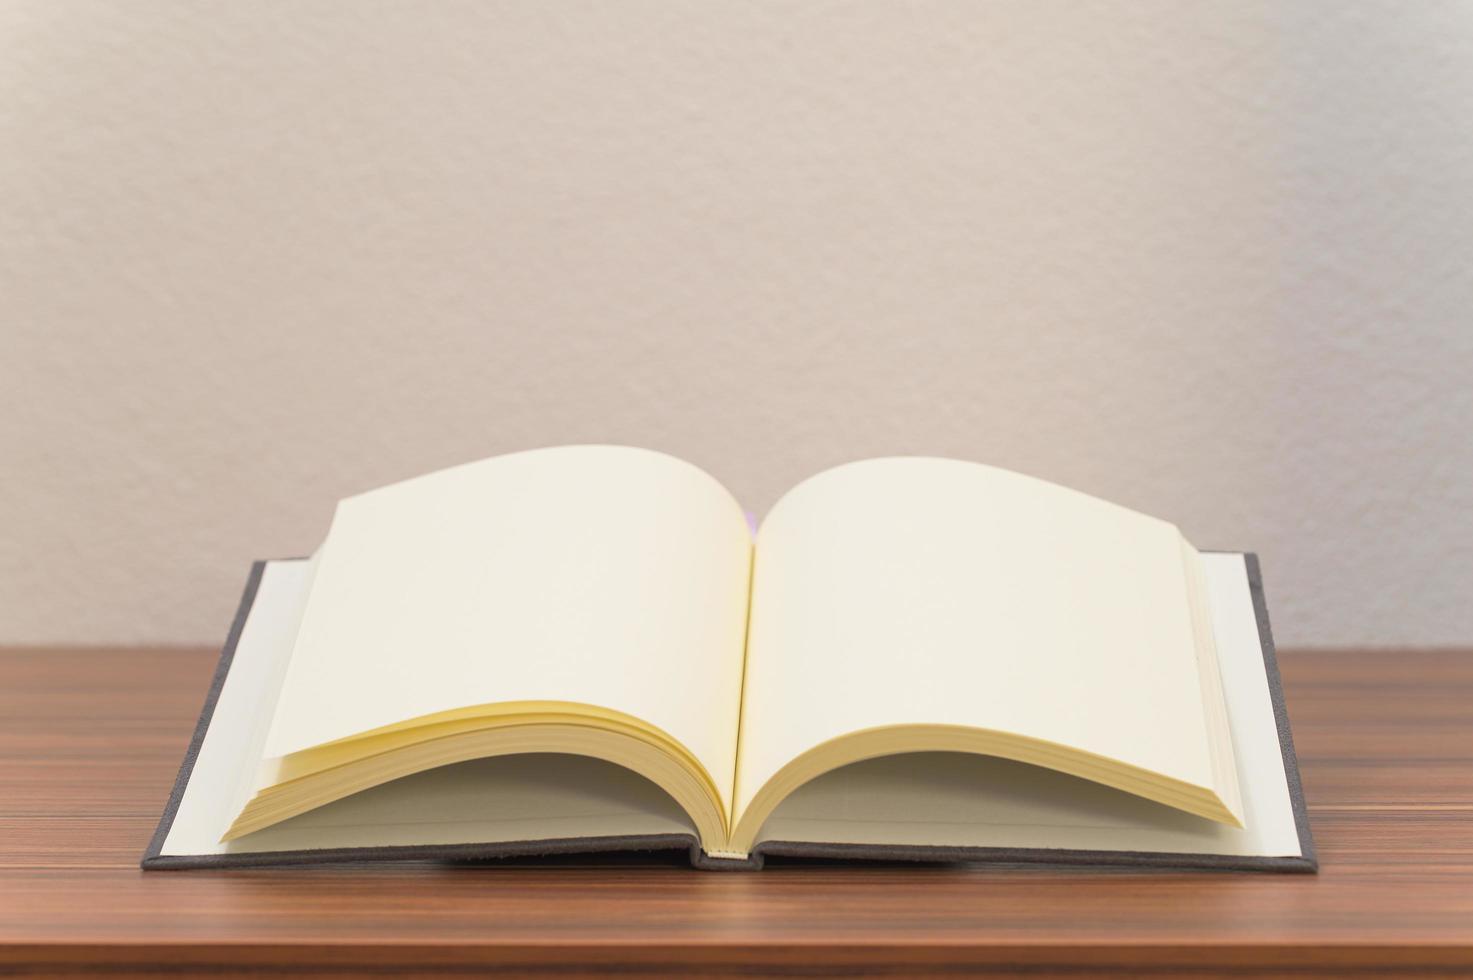 libro bianco sulla scrivania foto